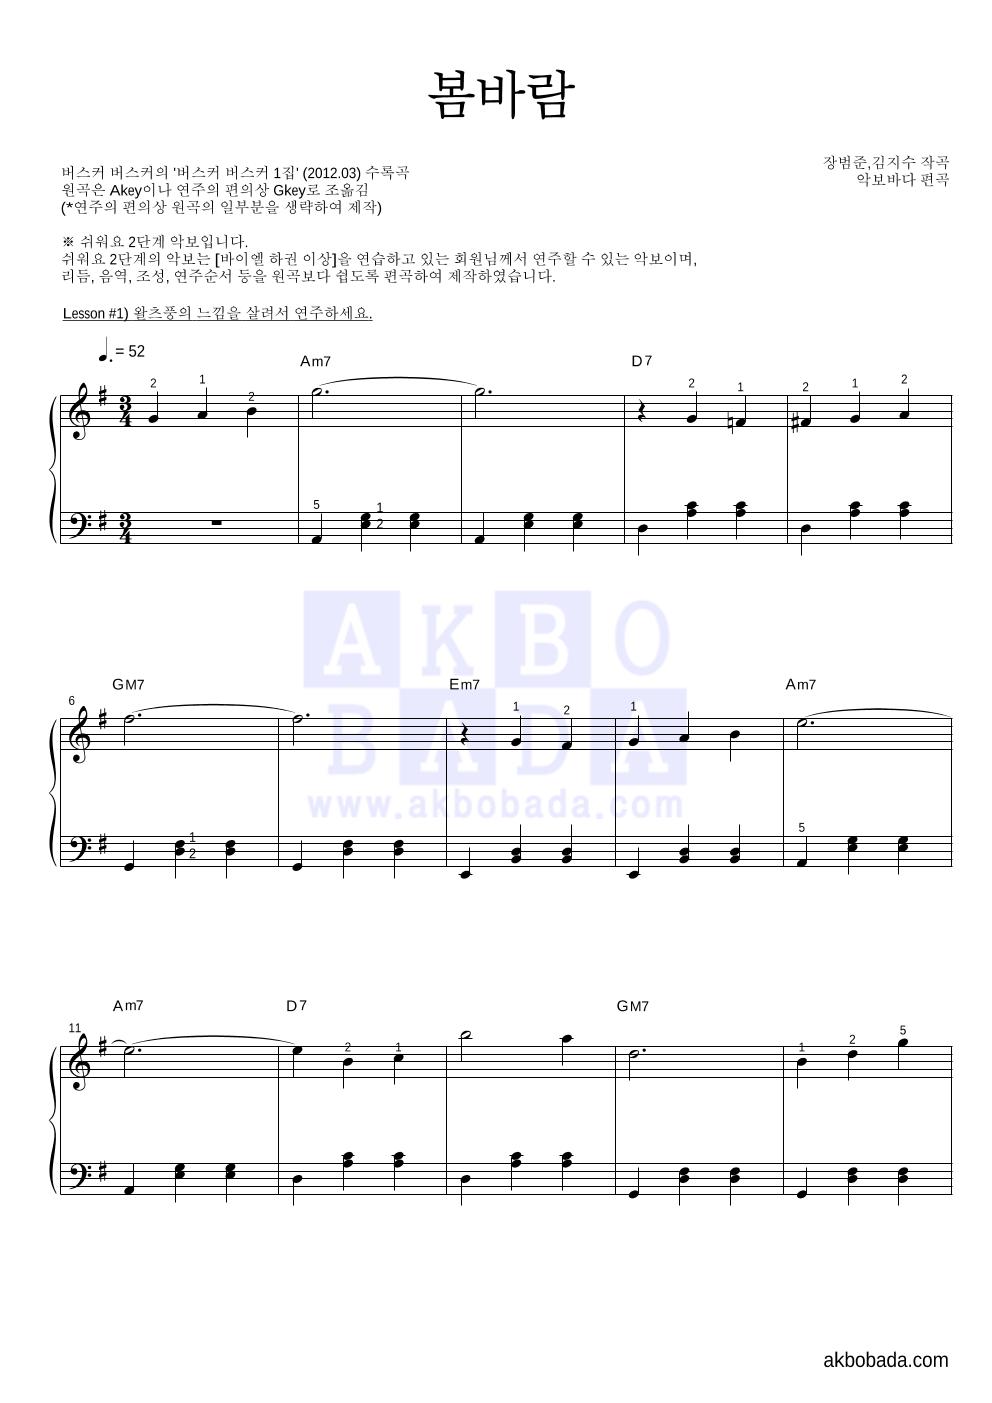 버스커 버스커 - 봄바람 피아노2단-쉬워요 악보